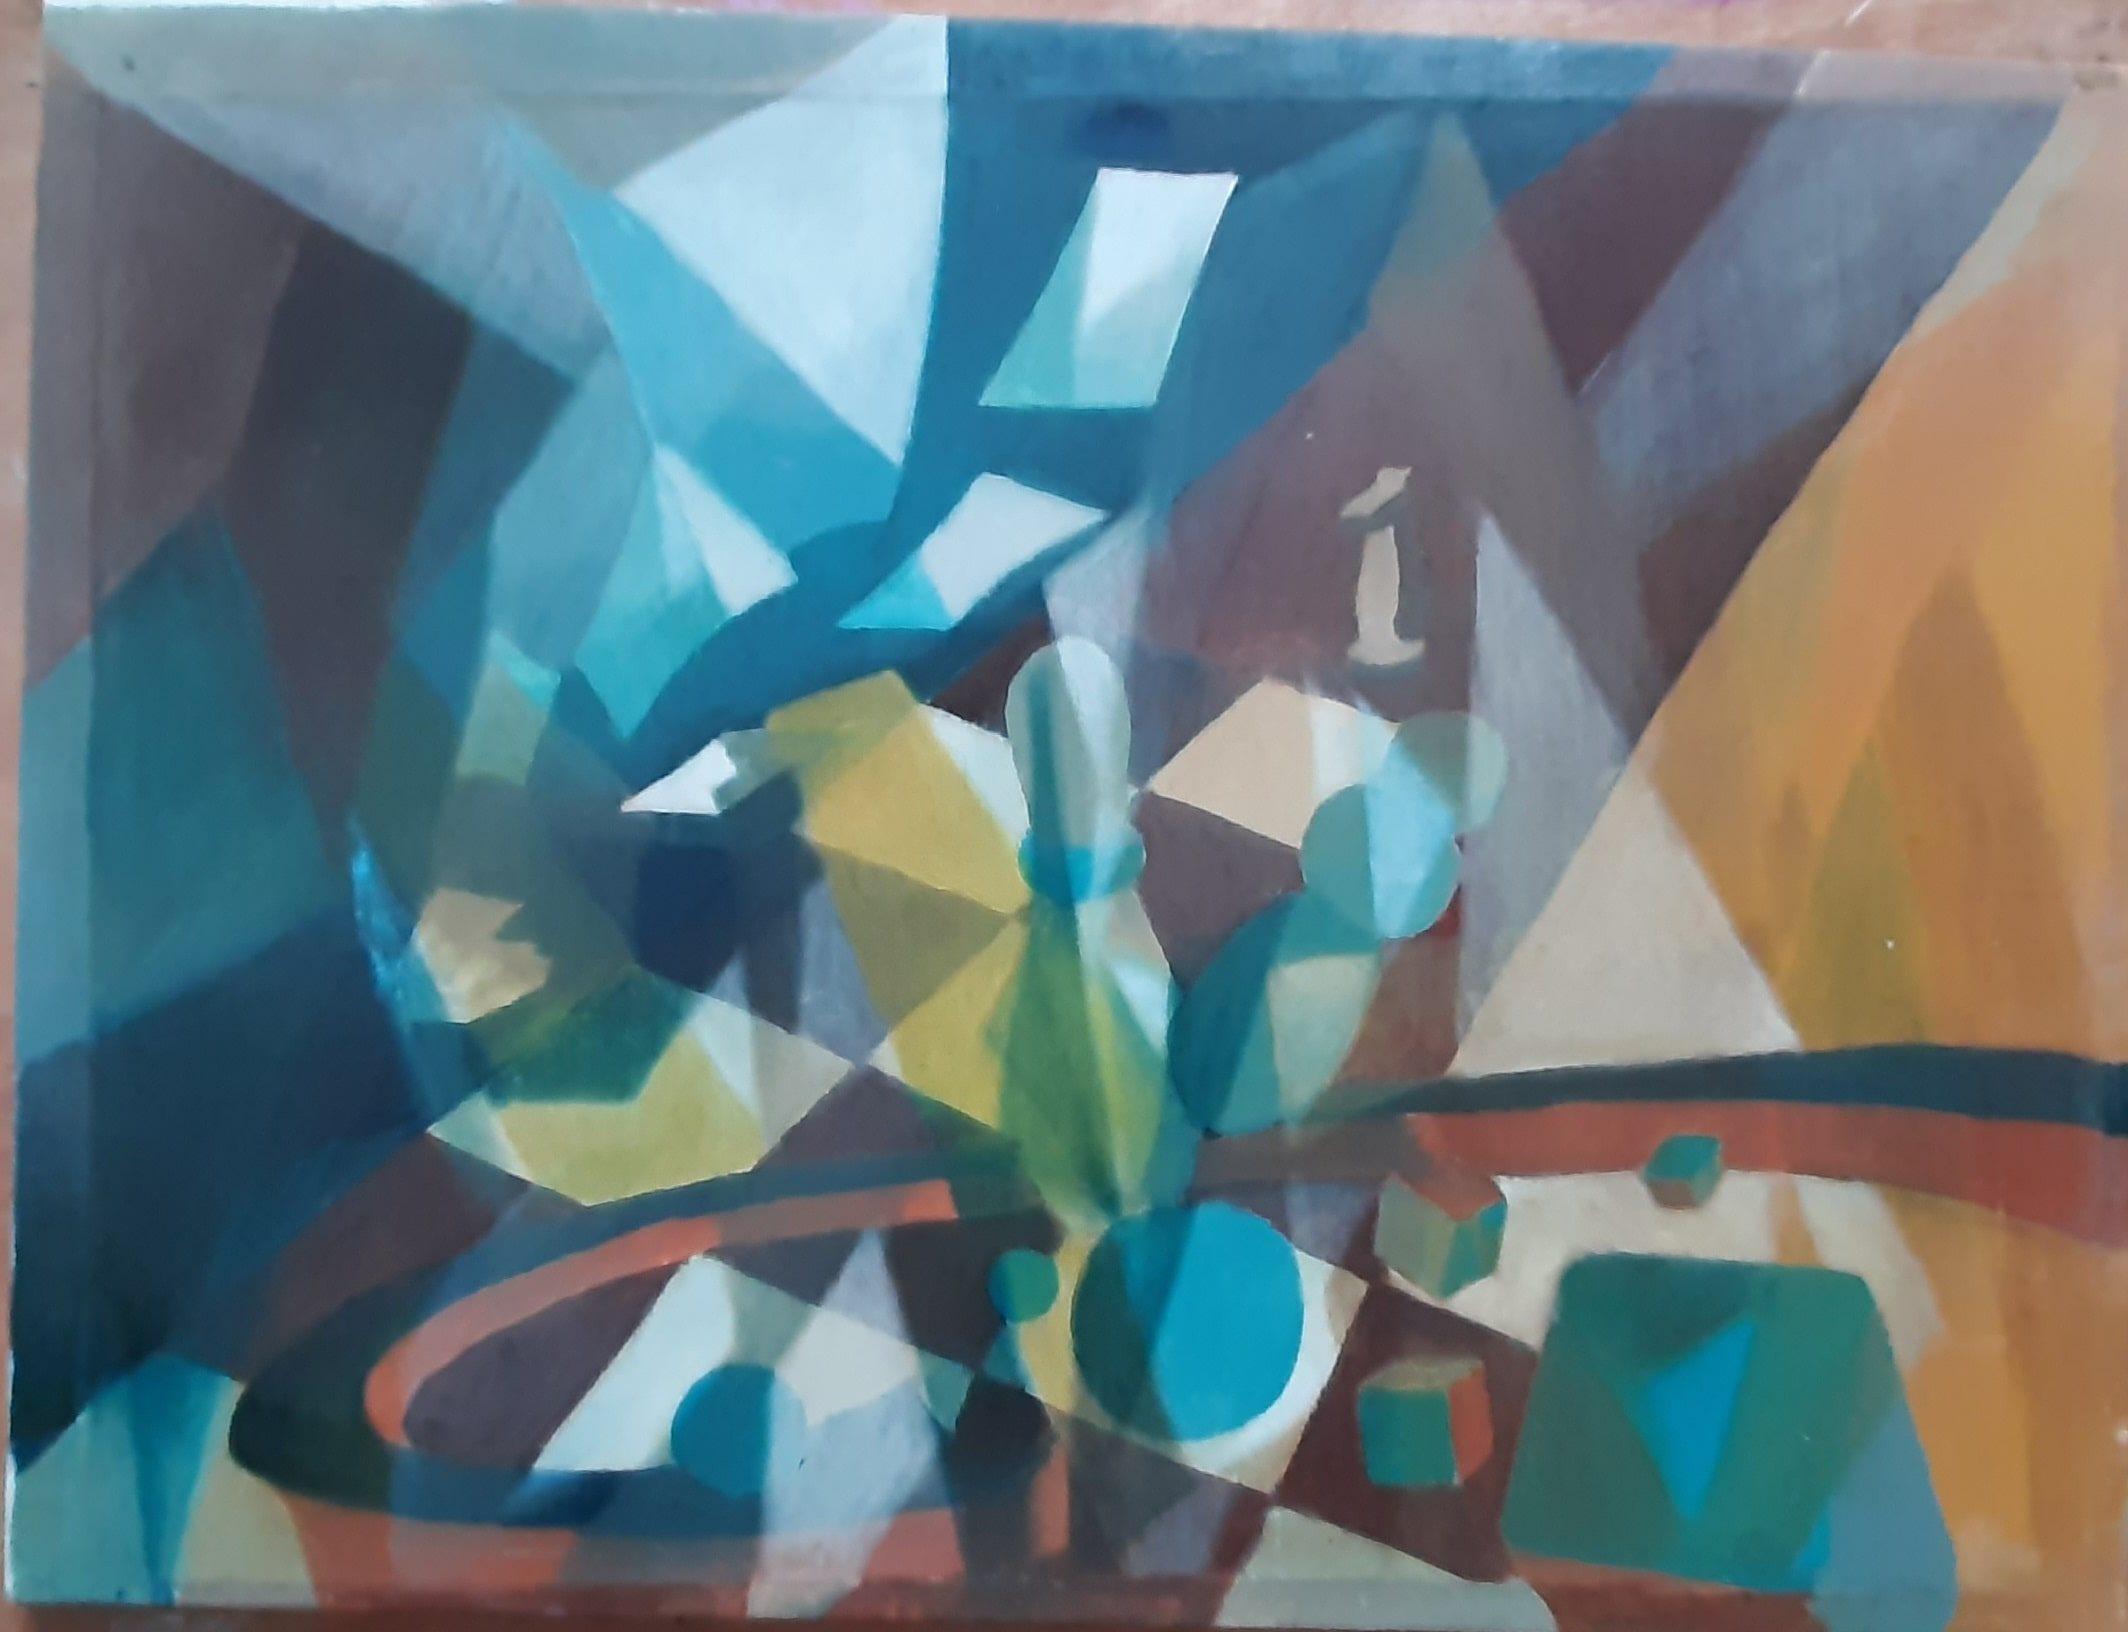 Hôtes et artistes en poitou - Jeux d'Intérieur - Huile sur Toile